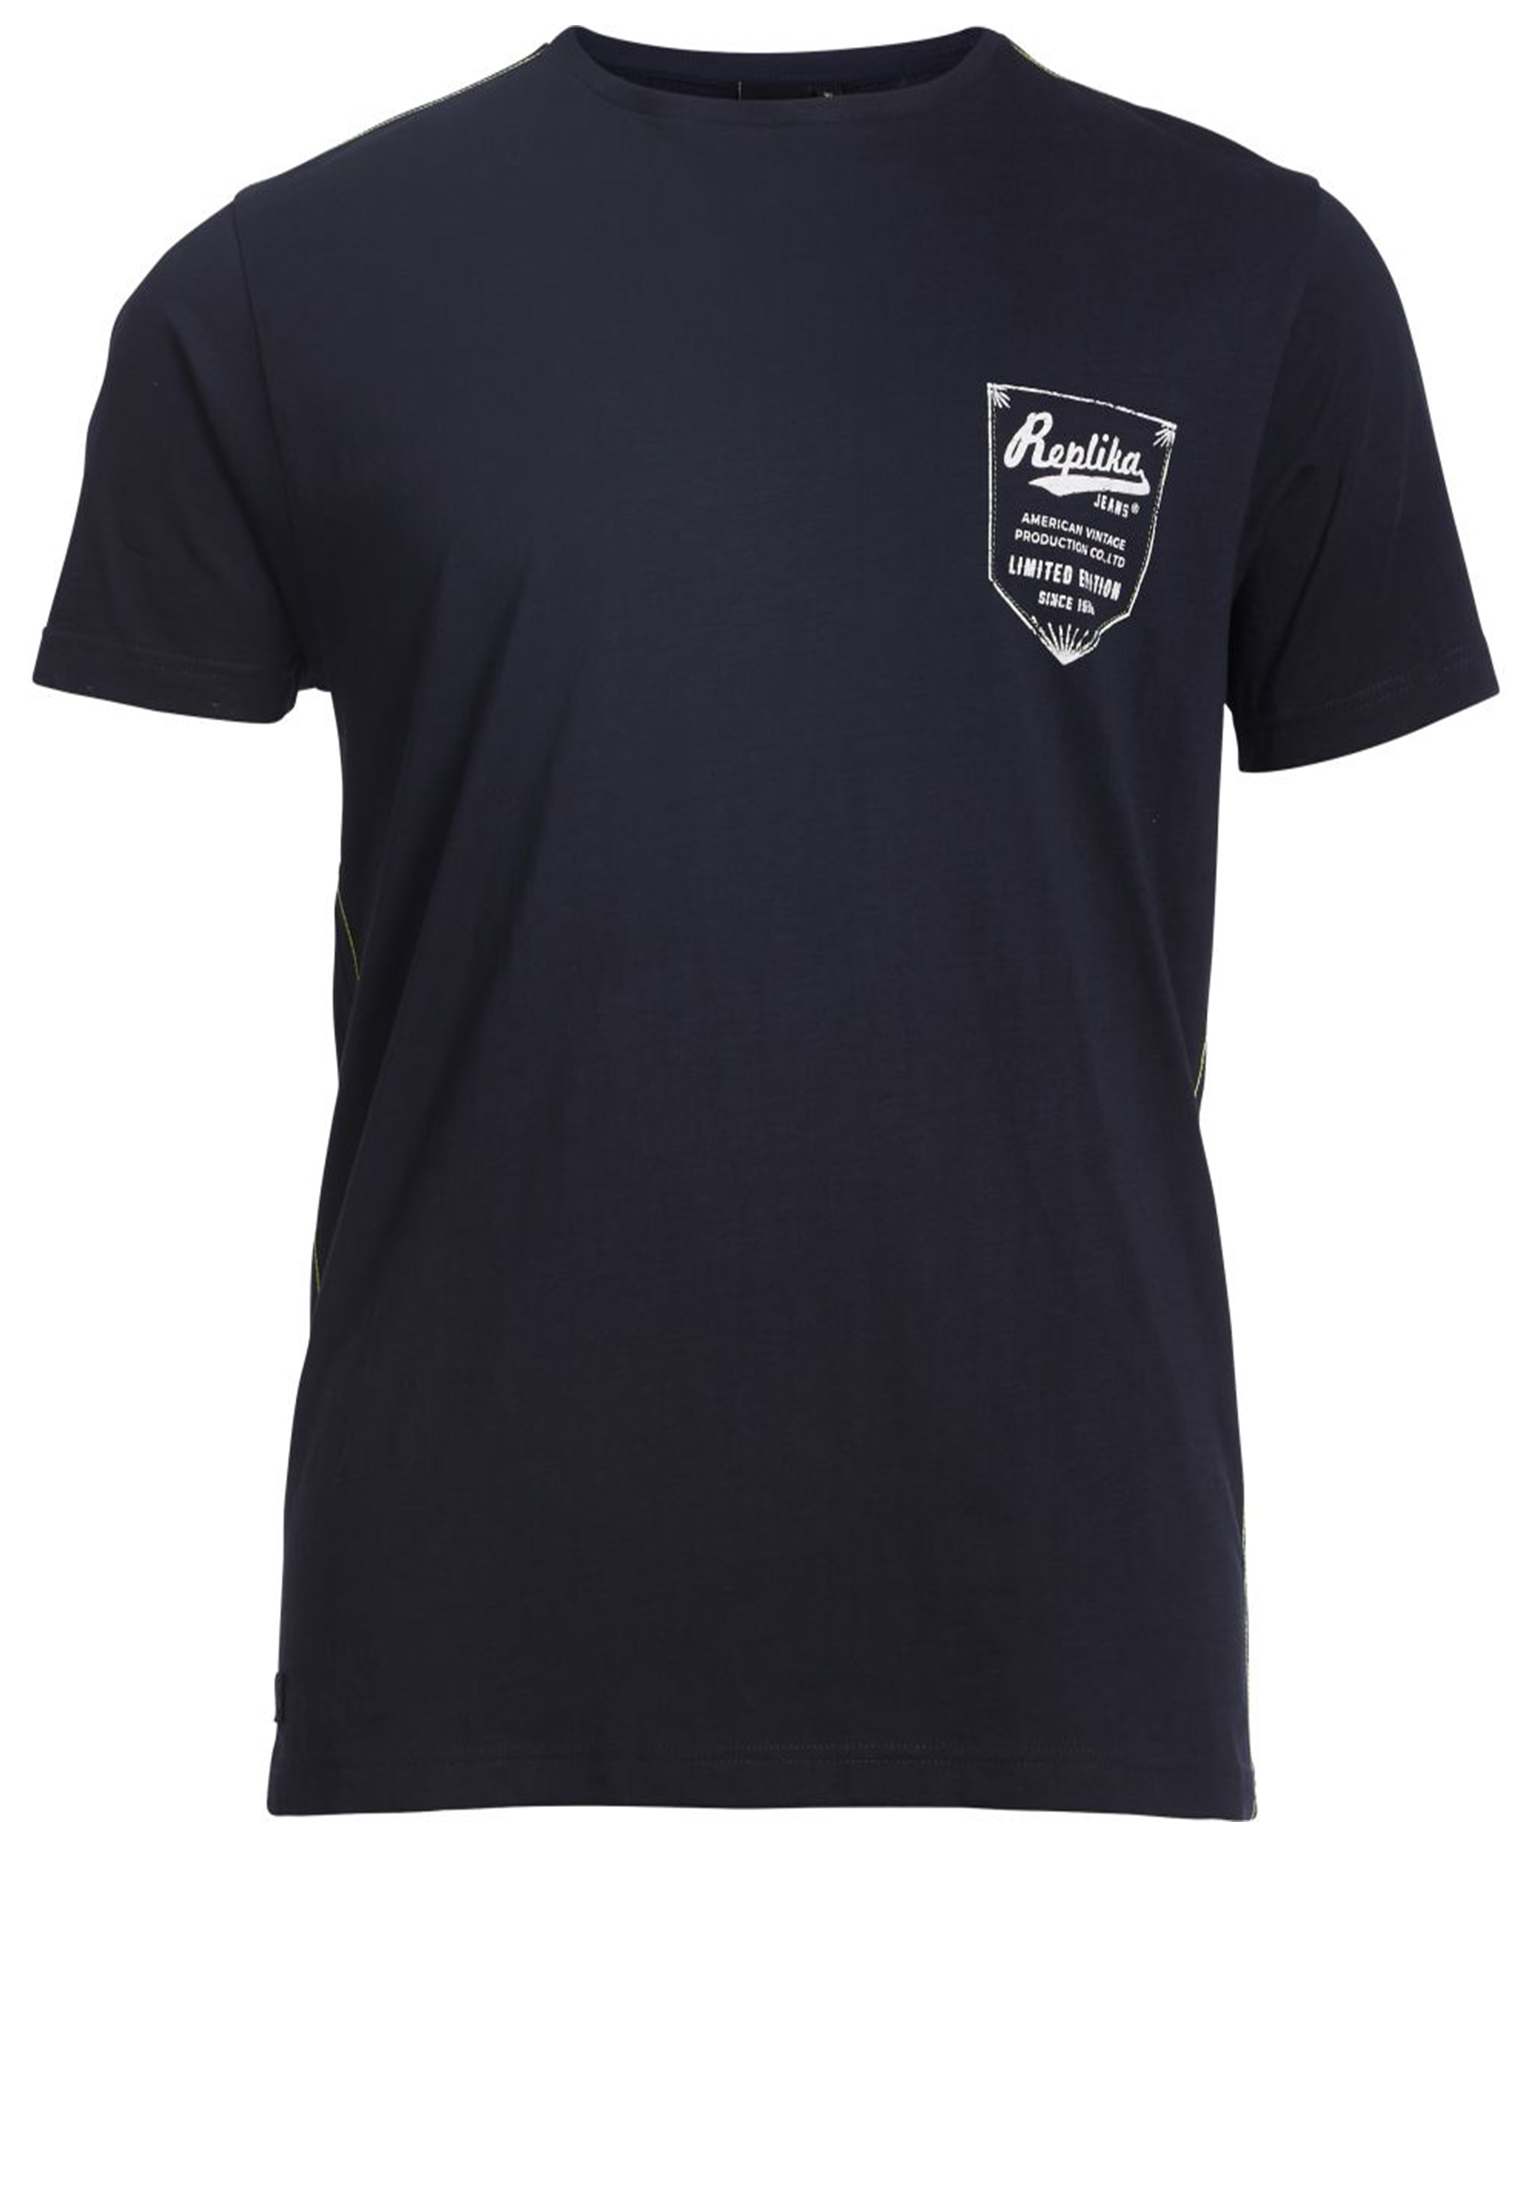 Leuk navy t-shirt van Replika met ronde hals en witte print aan de voorkant. Mooi kwalitatief t-shirt gemaakt van een zachte stof voor extra draagcomfort.Erg leuk shirt om op een spijkerbroek te dragen.